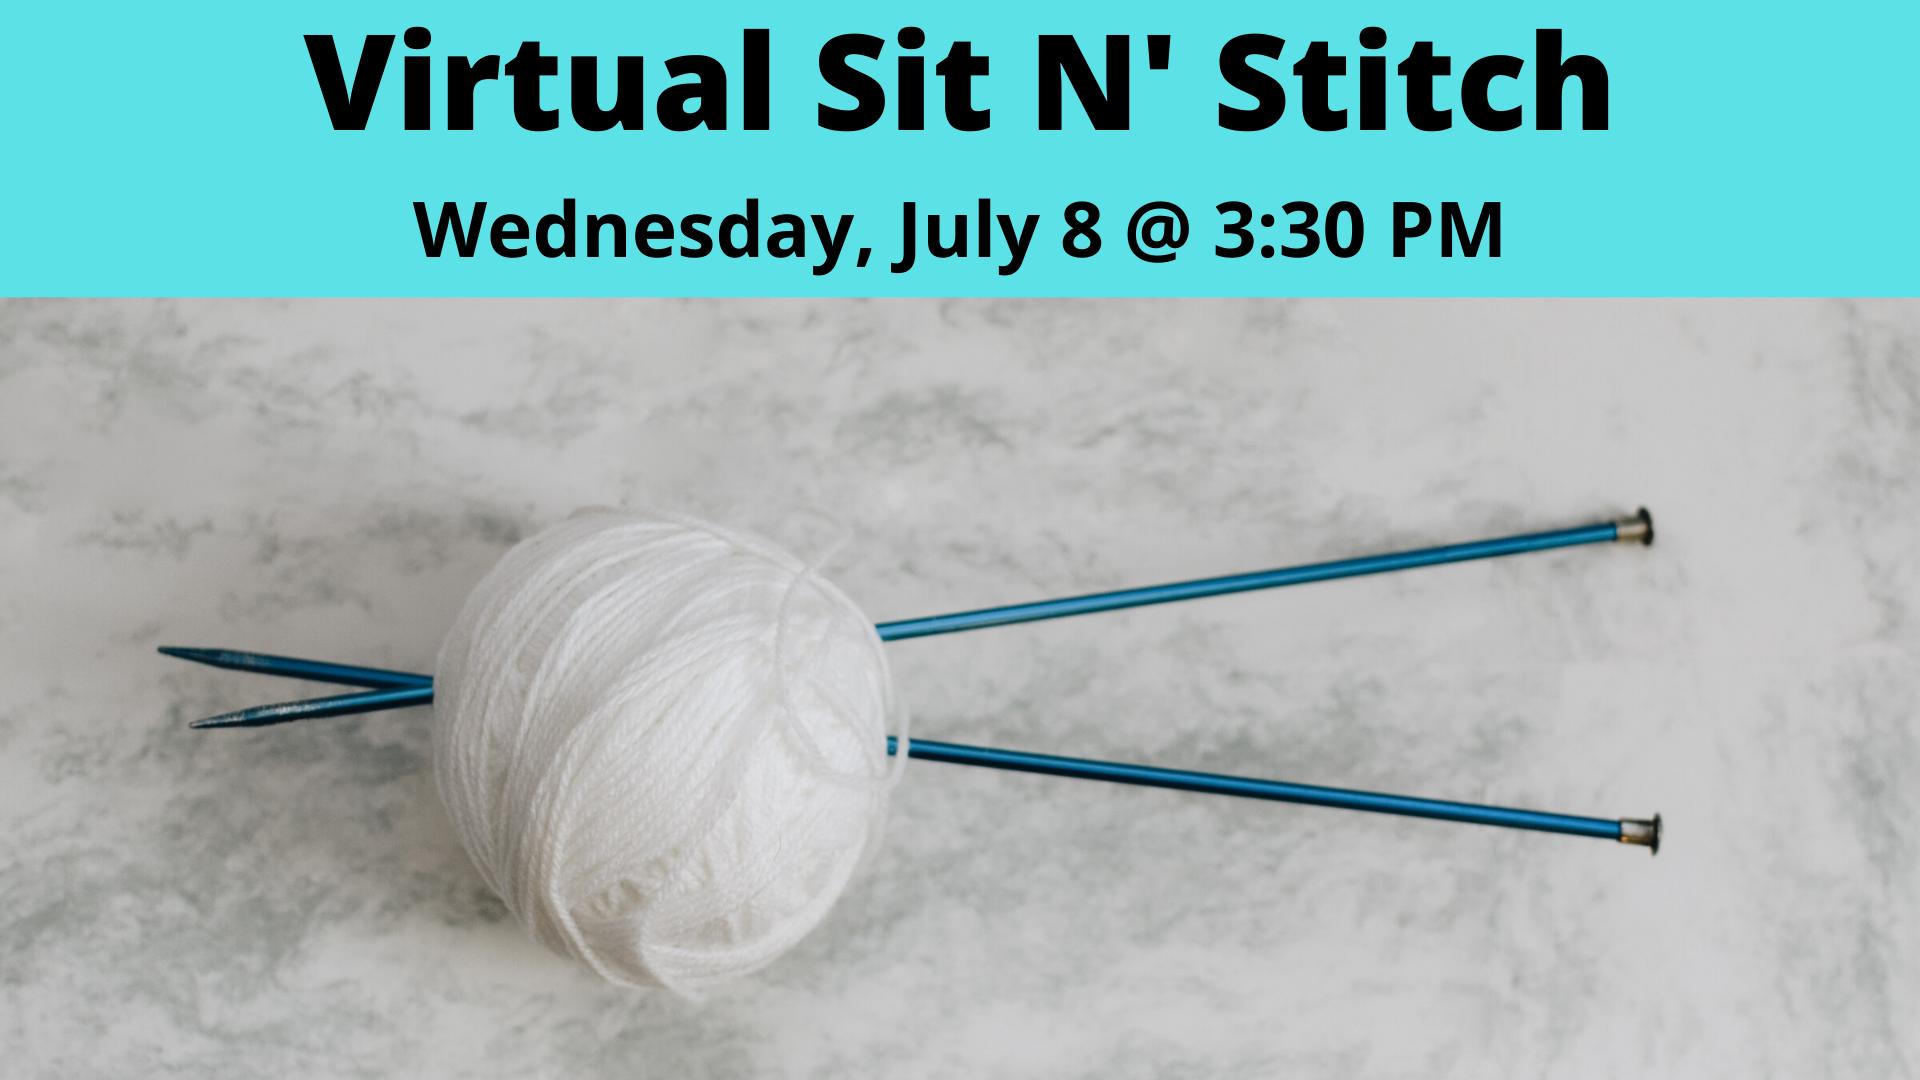 Sit 'N Stitch